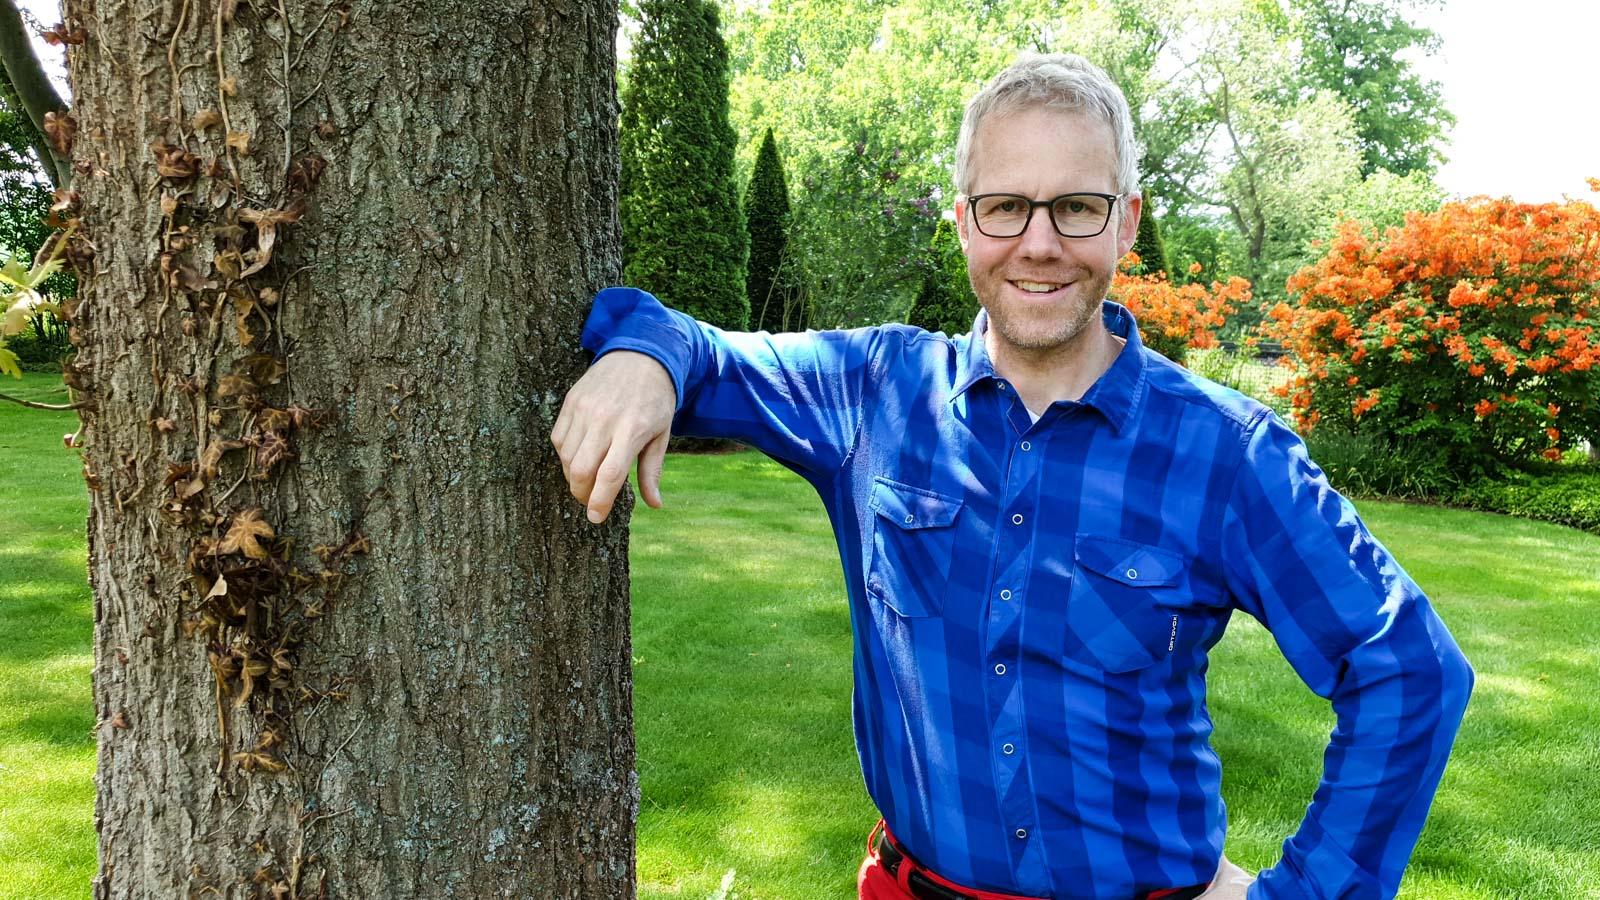 Philippe Dahlmann, Gartenberater vom Verband Wohneigentum, an einer Eiche stehend.